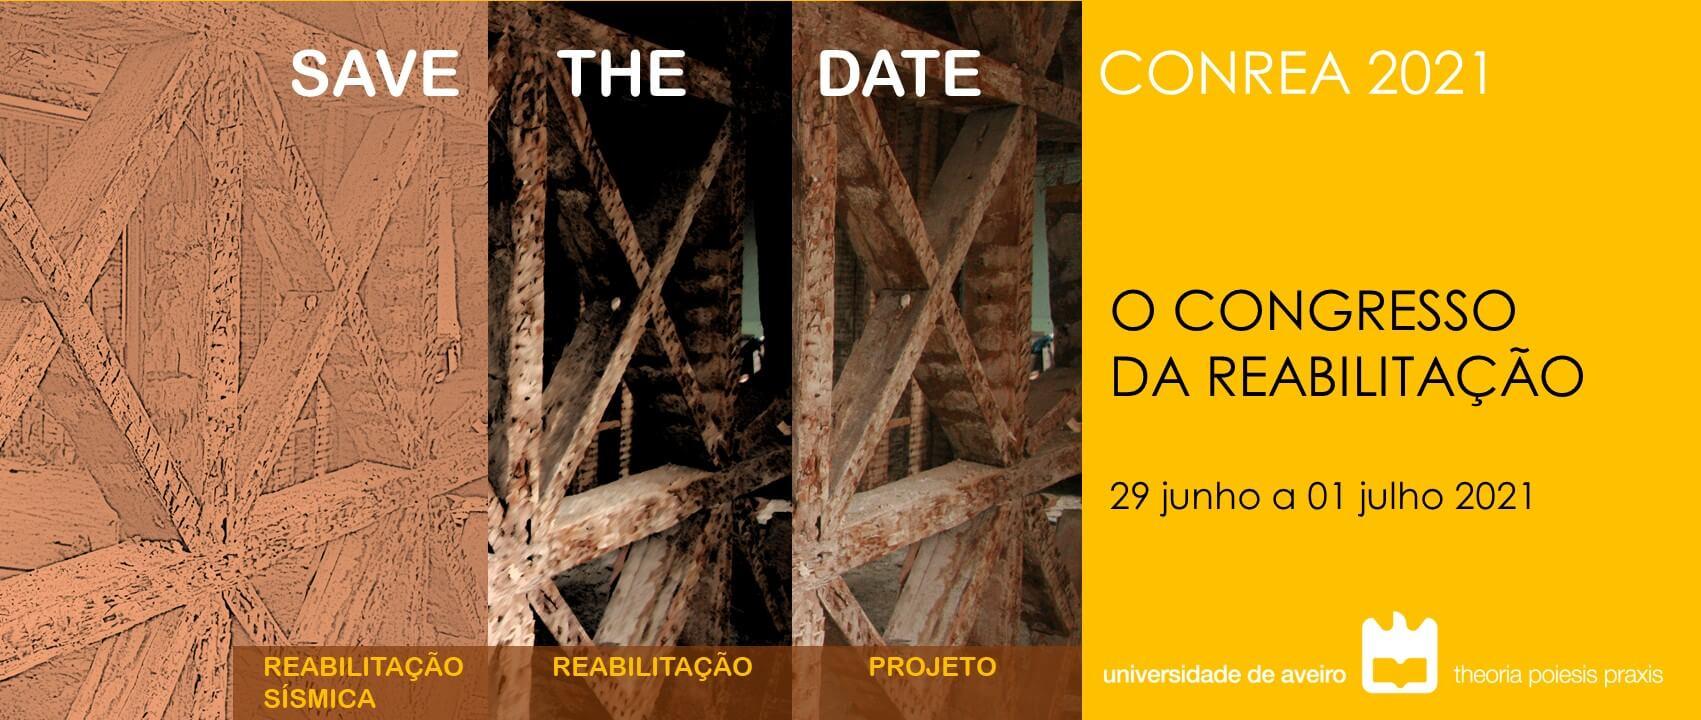 CALL FOR PAPERS: Congresso da Reabilitação CONREA2021